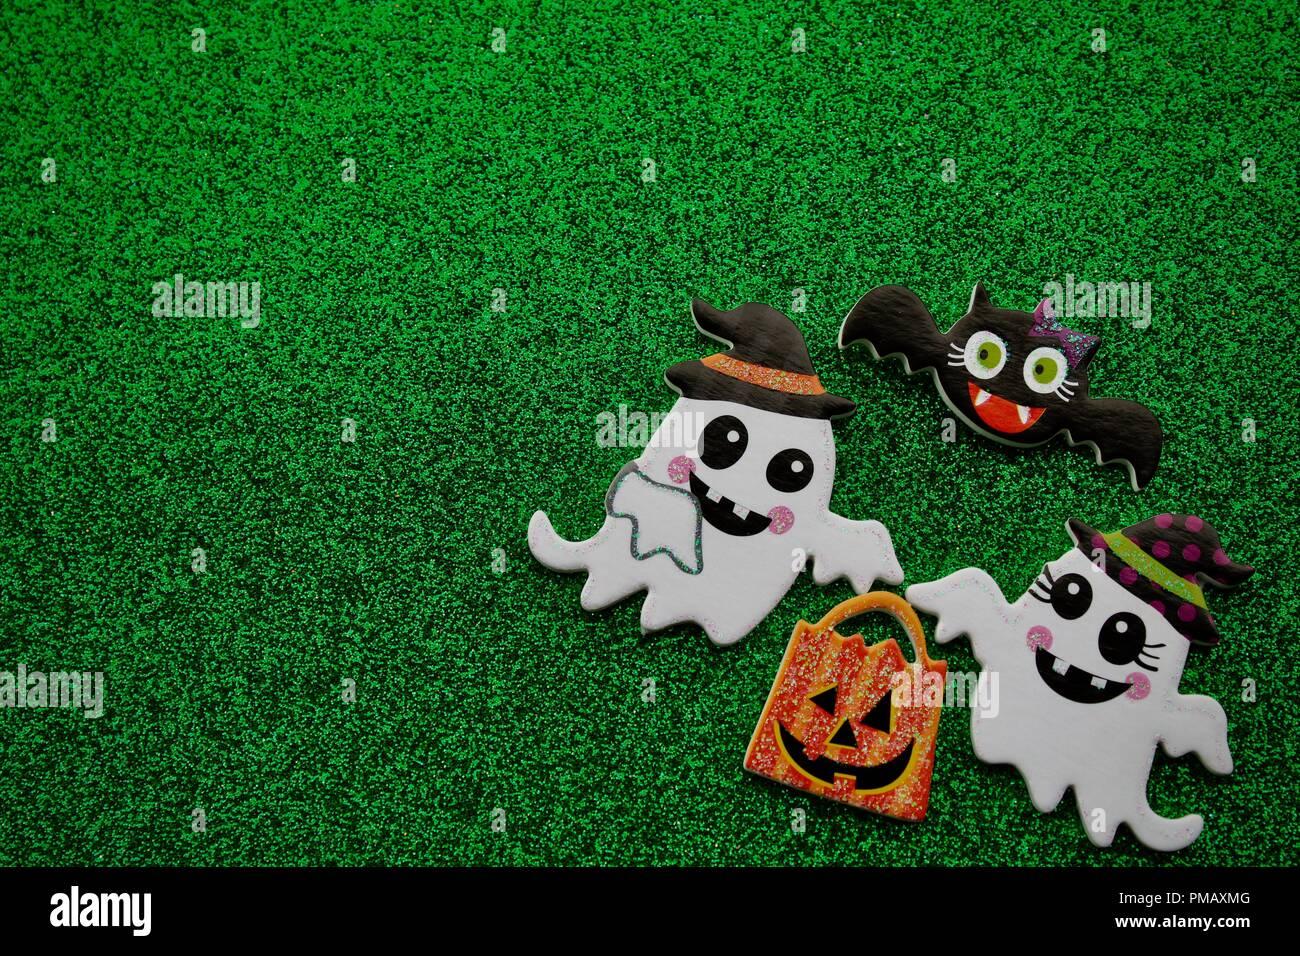 Deux fantômes transportant une citrouille trick or treat sac avec une chauve-souris volant au-dessus des noirs sur fond vert. Photo Stock